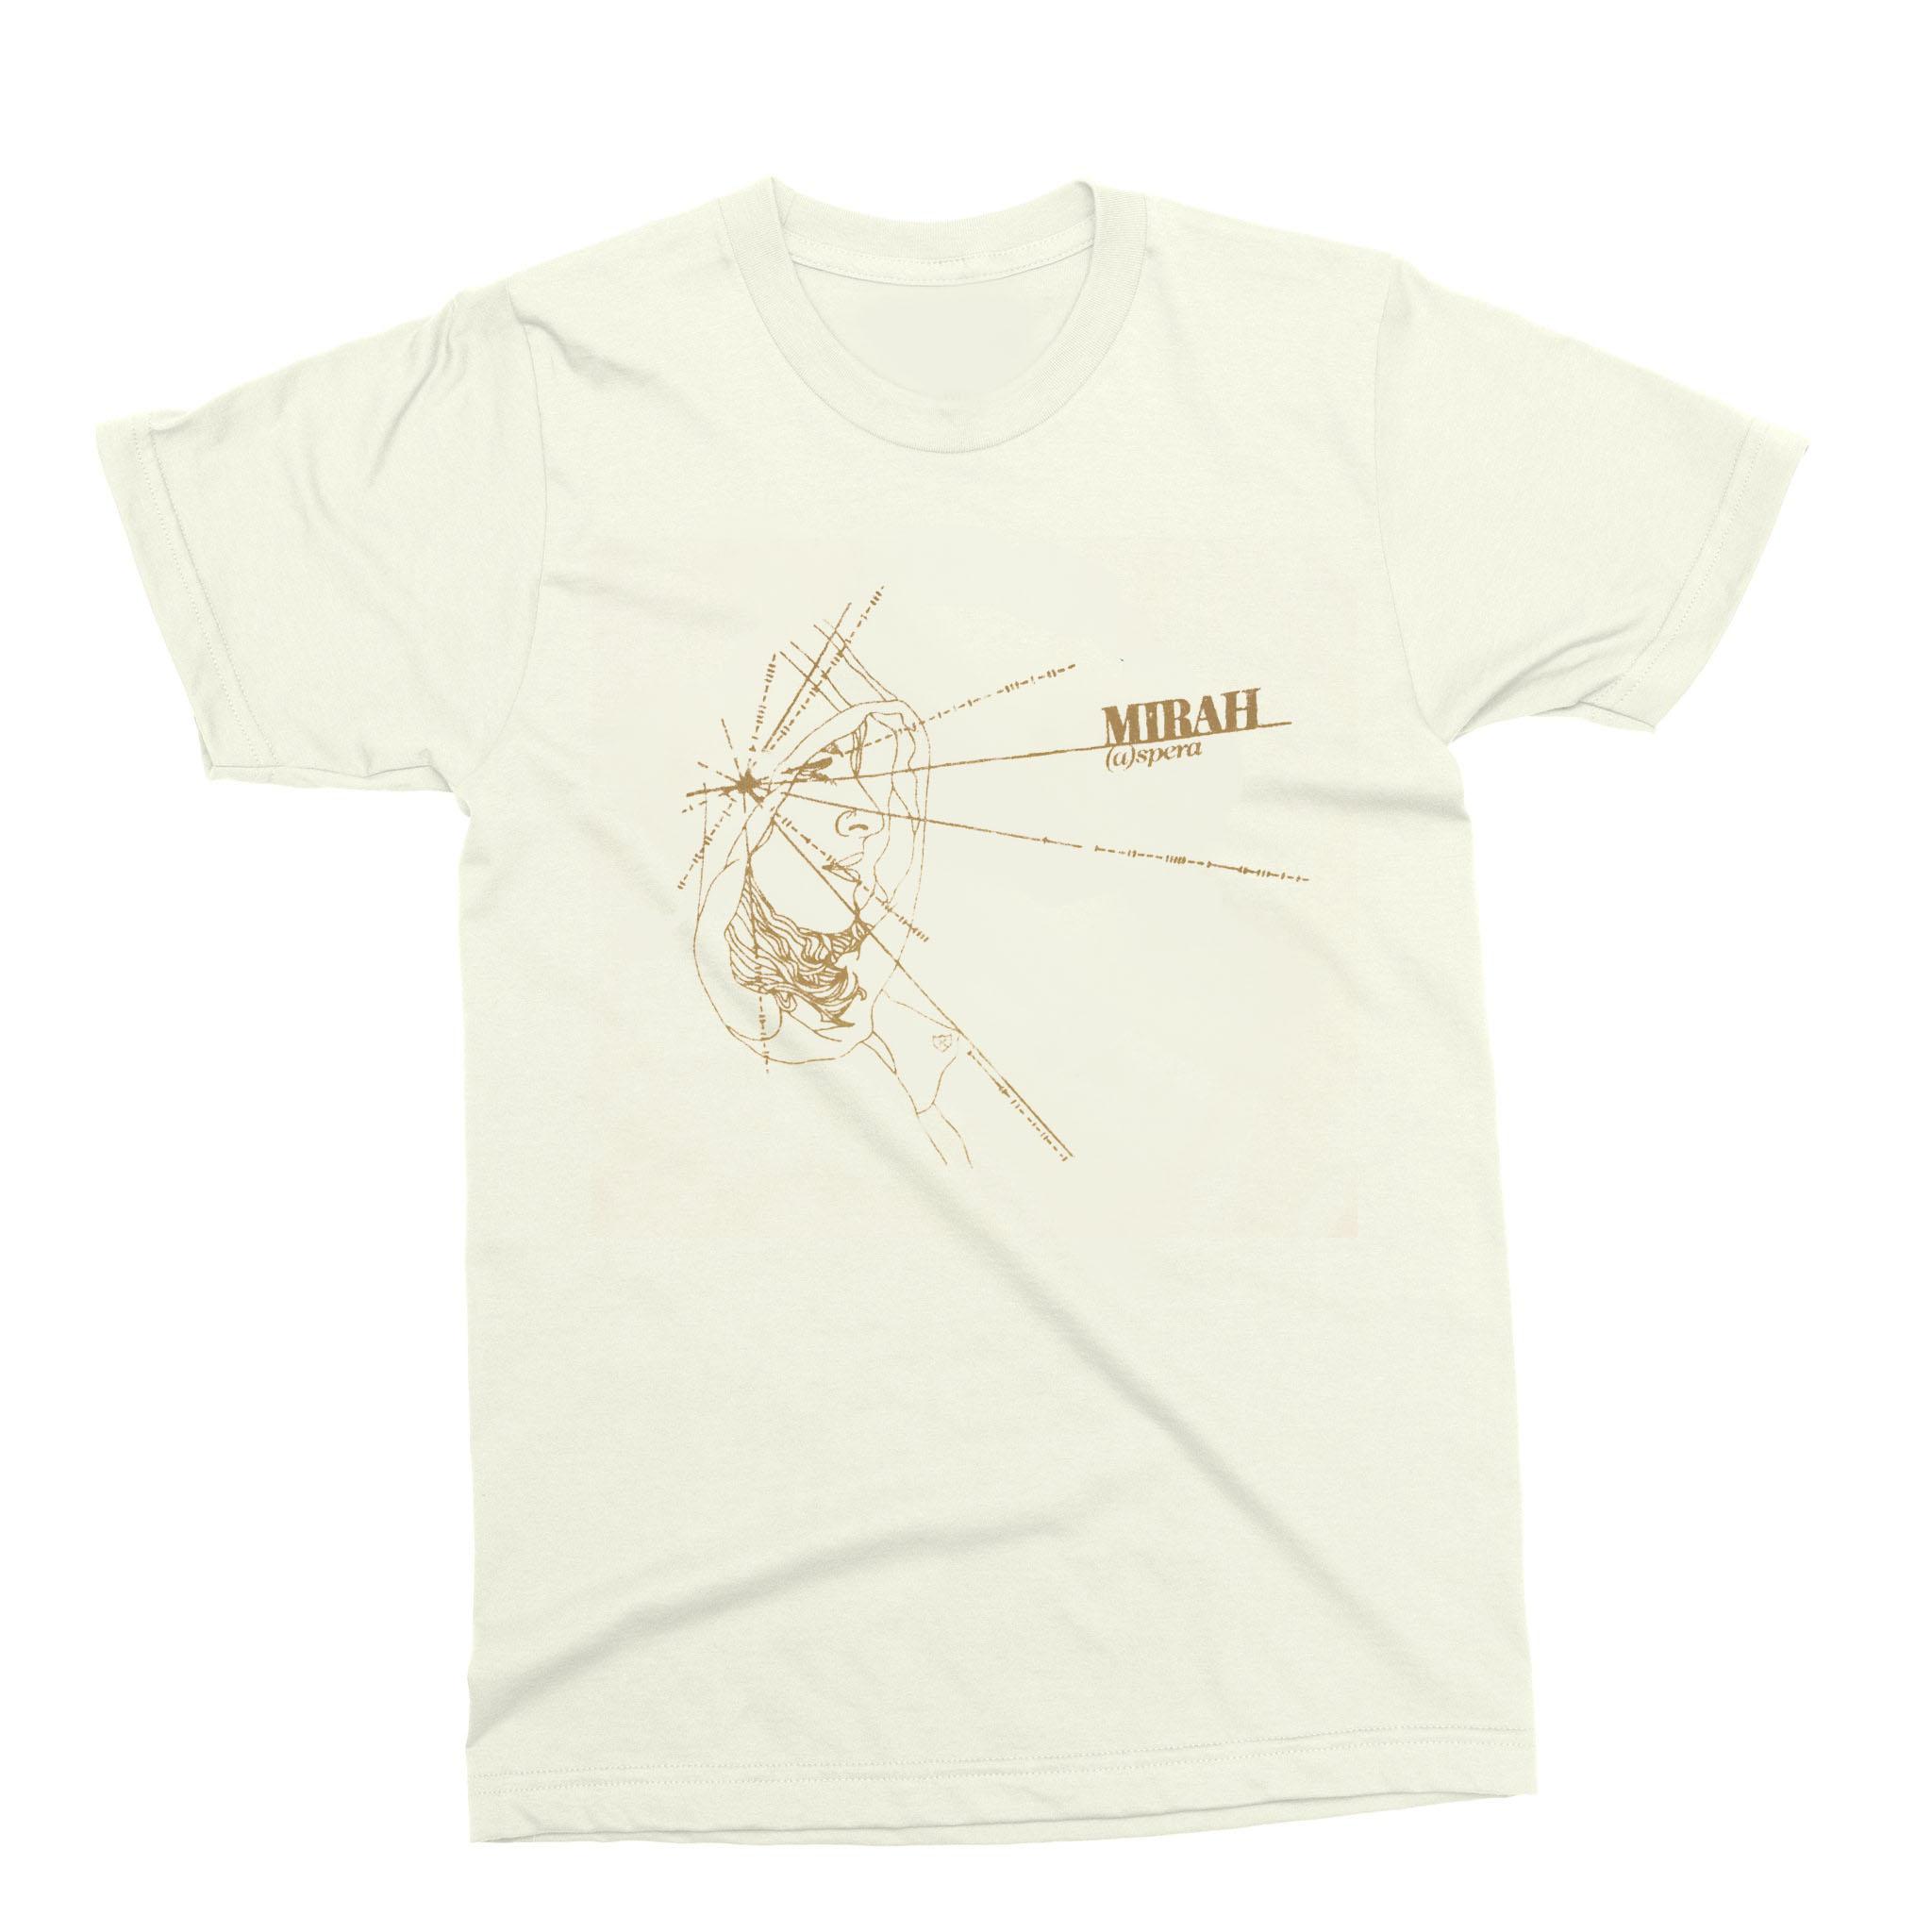 small resolution of  a spera t shirt mirah